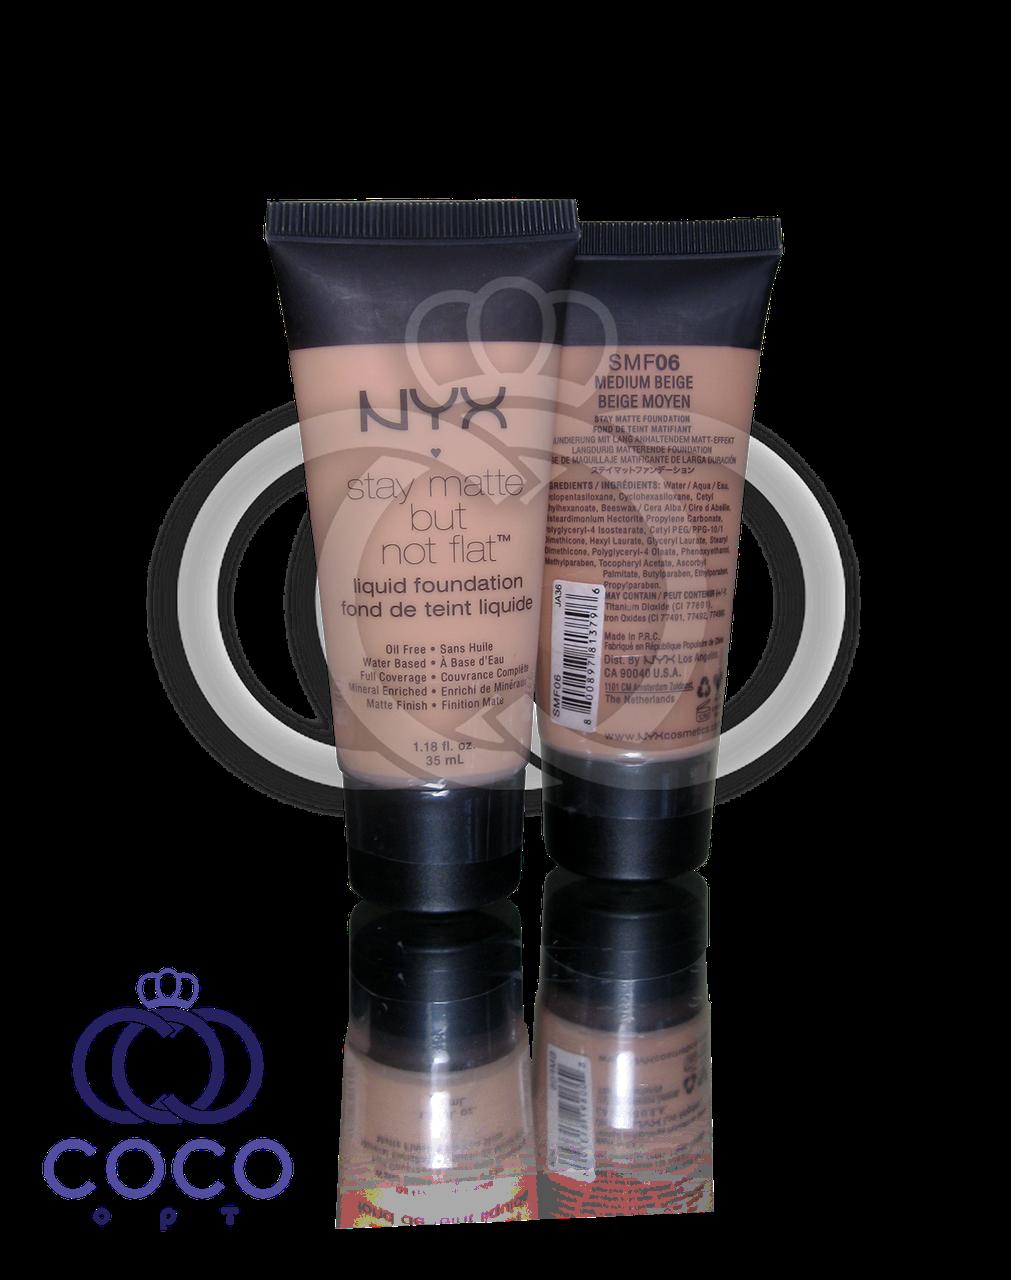 Тональный крем NYX Stay Matte But Not Flat Liquid Foundation